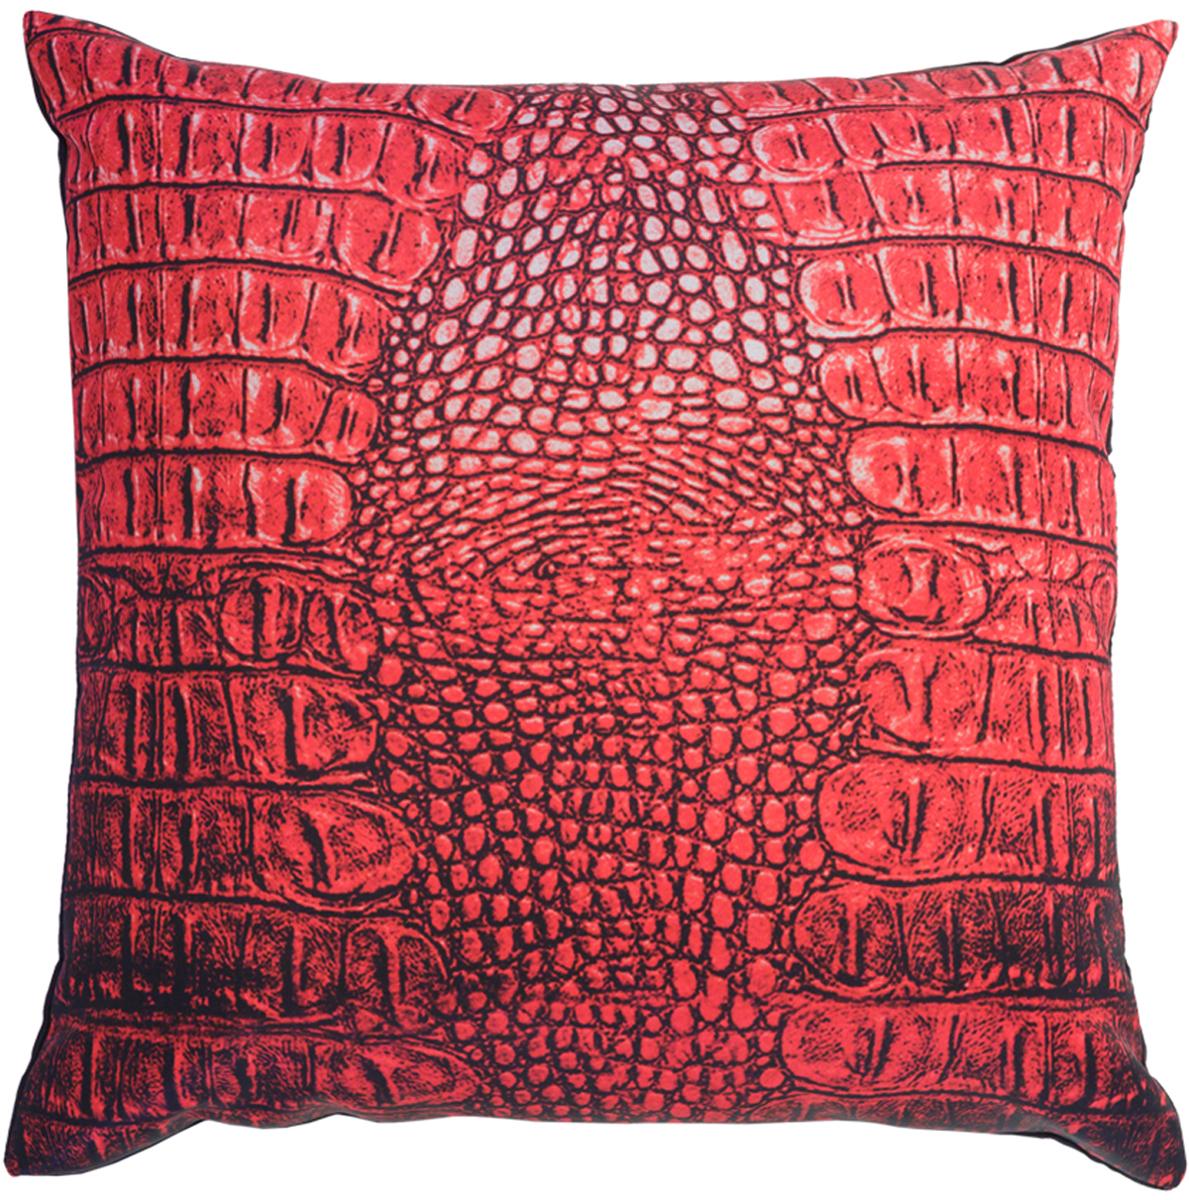 Подушка декоративная GiftnHome Крокодил, цвет: красный, 35 х 35 смES-412Подушка декоративная GiftnHome Крокодил прекрасно дополнит интерьер спальни или гостиной. Чехол подушки выполнен из атласа (искусственный шелк) и оформлен изысканным орнаментом. В качестве наполнителя используется мягкий холлофайбер. Чехол снабжен потайной застежкой-молнией, благодаря чему его легко можно снять и постирать.Красивая подушка создаст атмосферу уюта в доме и станет прекрасным элементом декора.